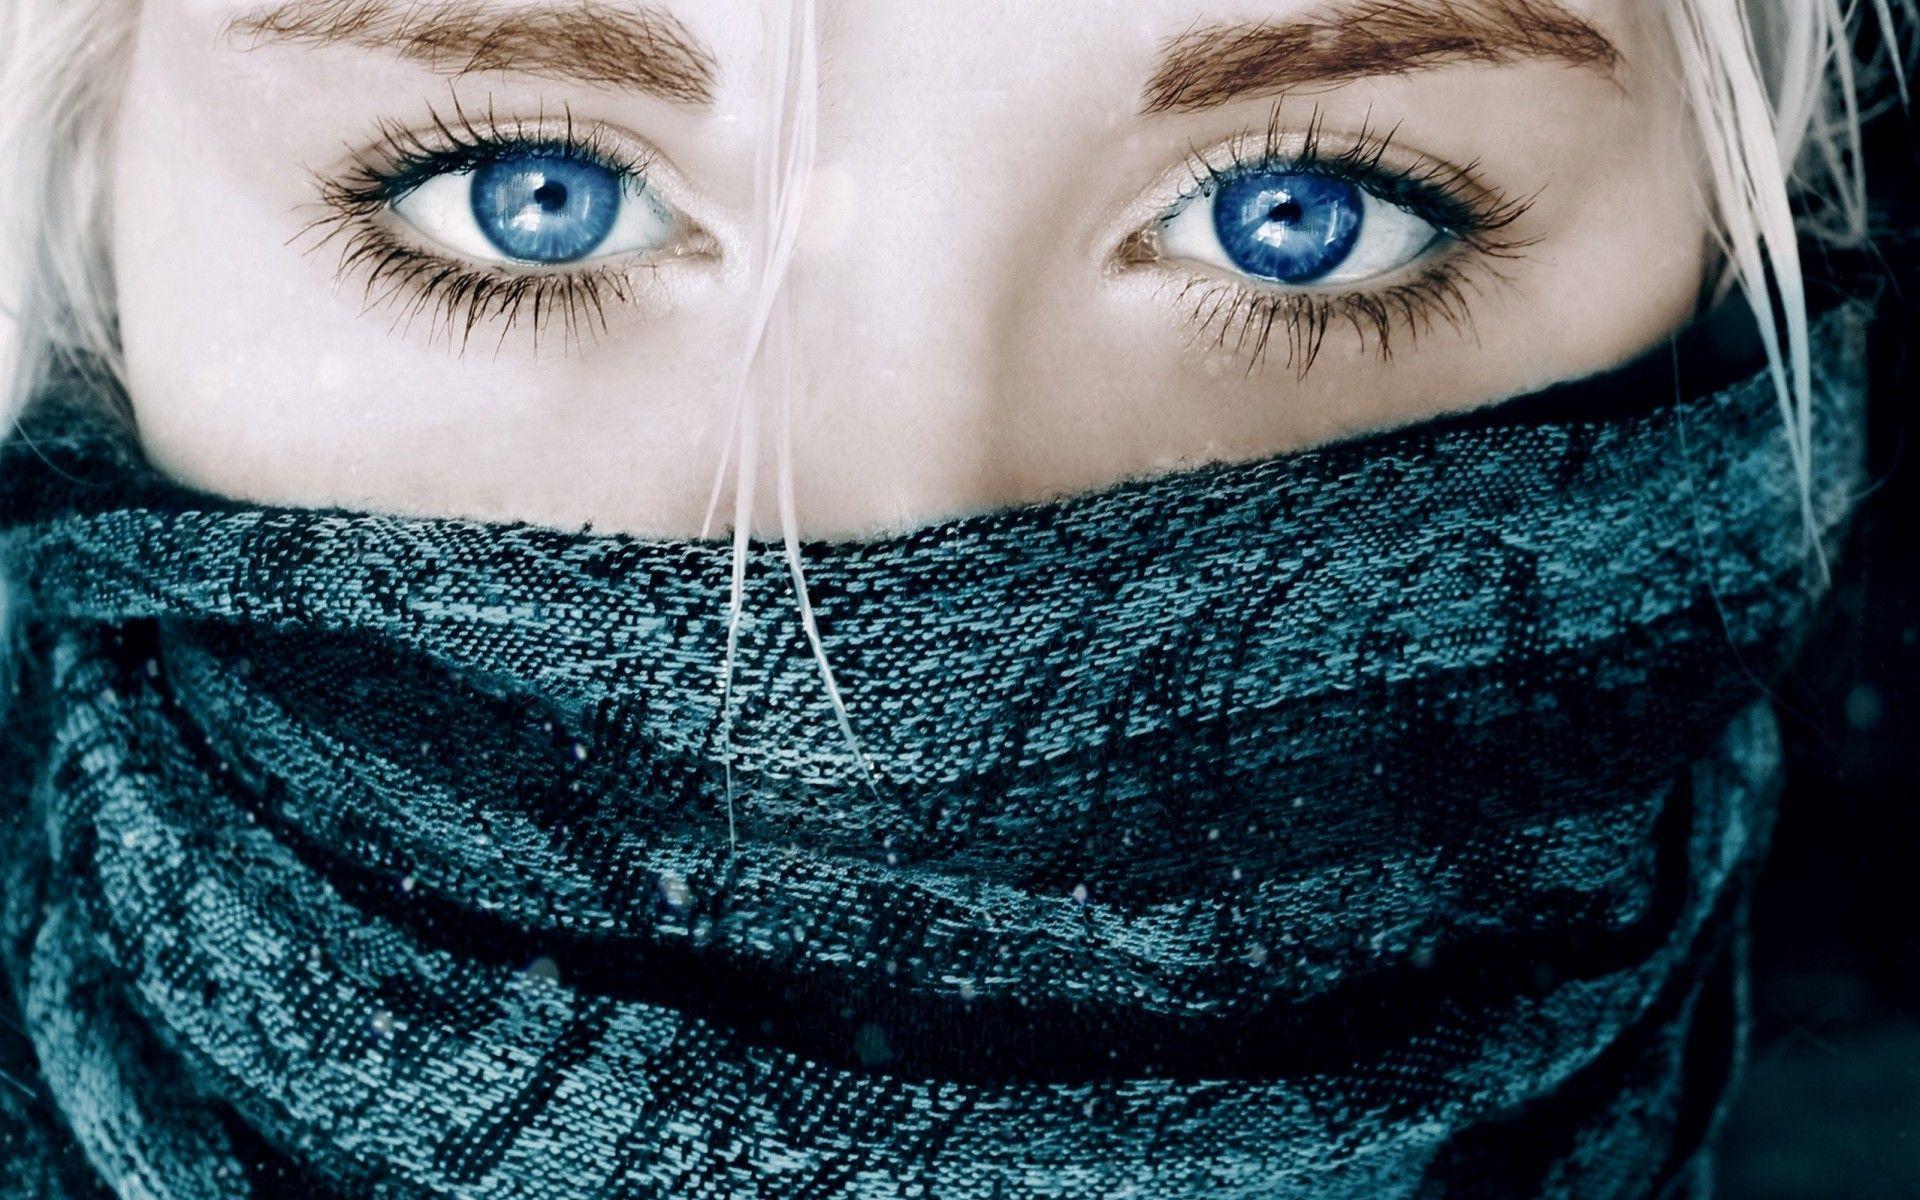 Blue Eyes Wallpaper 28556 1920x1200 px ~ HDWallSource.com